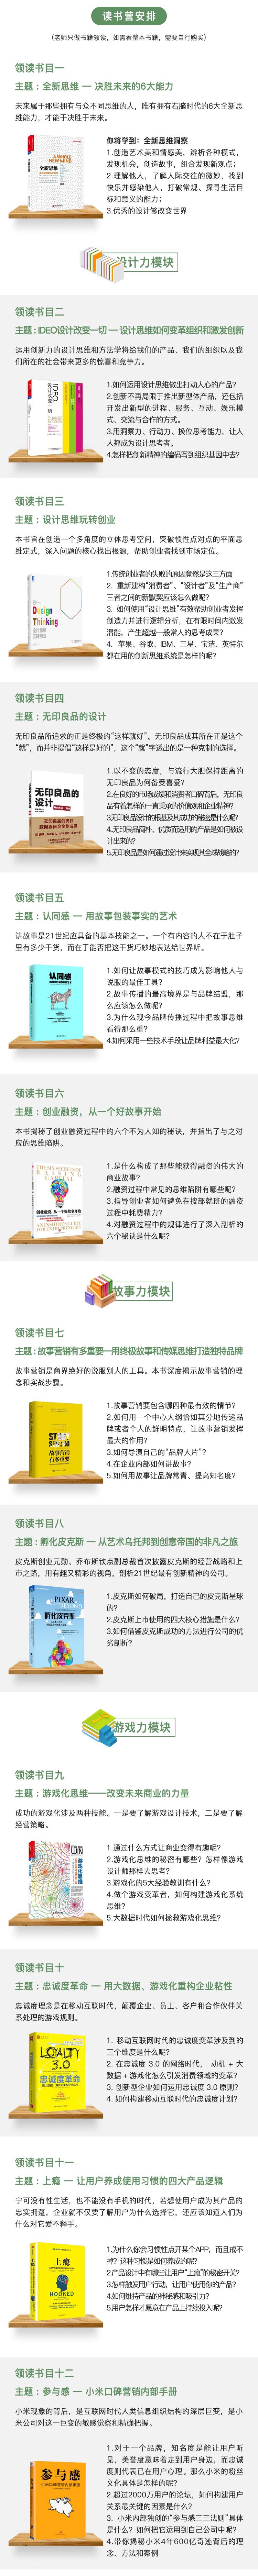 http://mtedu-img.oss-cn-beijing-internal.aliyuncs.com/ueditor/20180518170048_408712.jpg